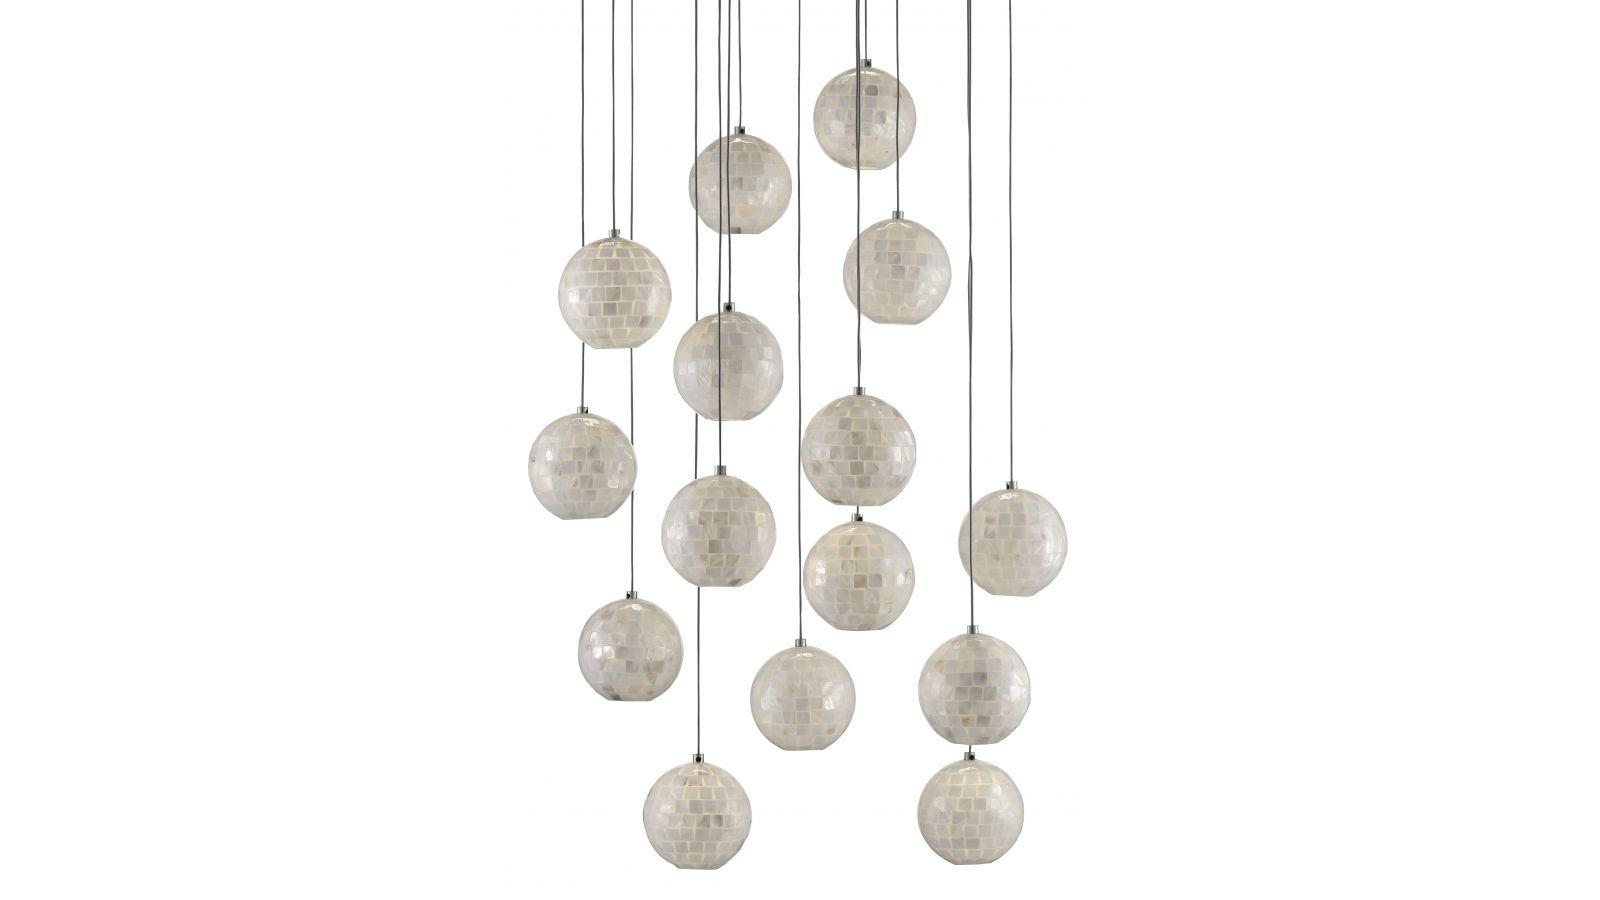 Finhorn Round 15-Light Multi Drop Pendant